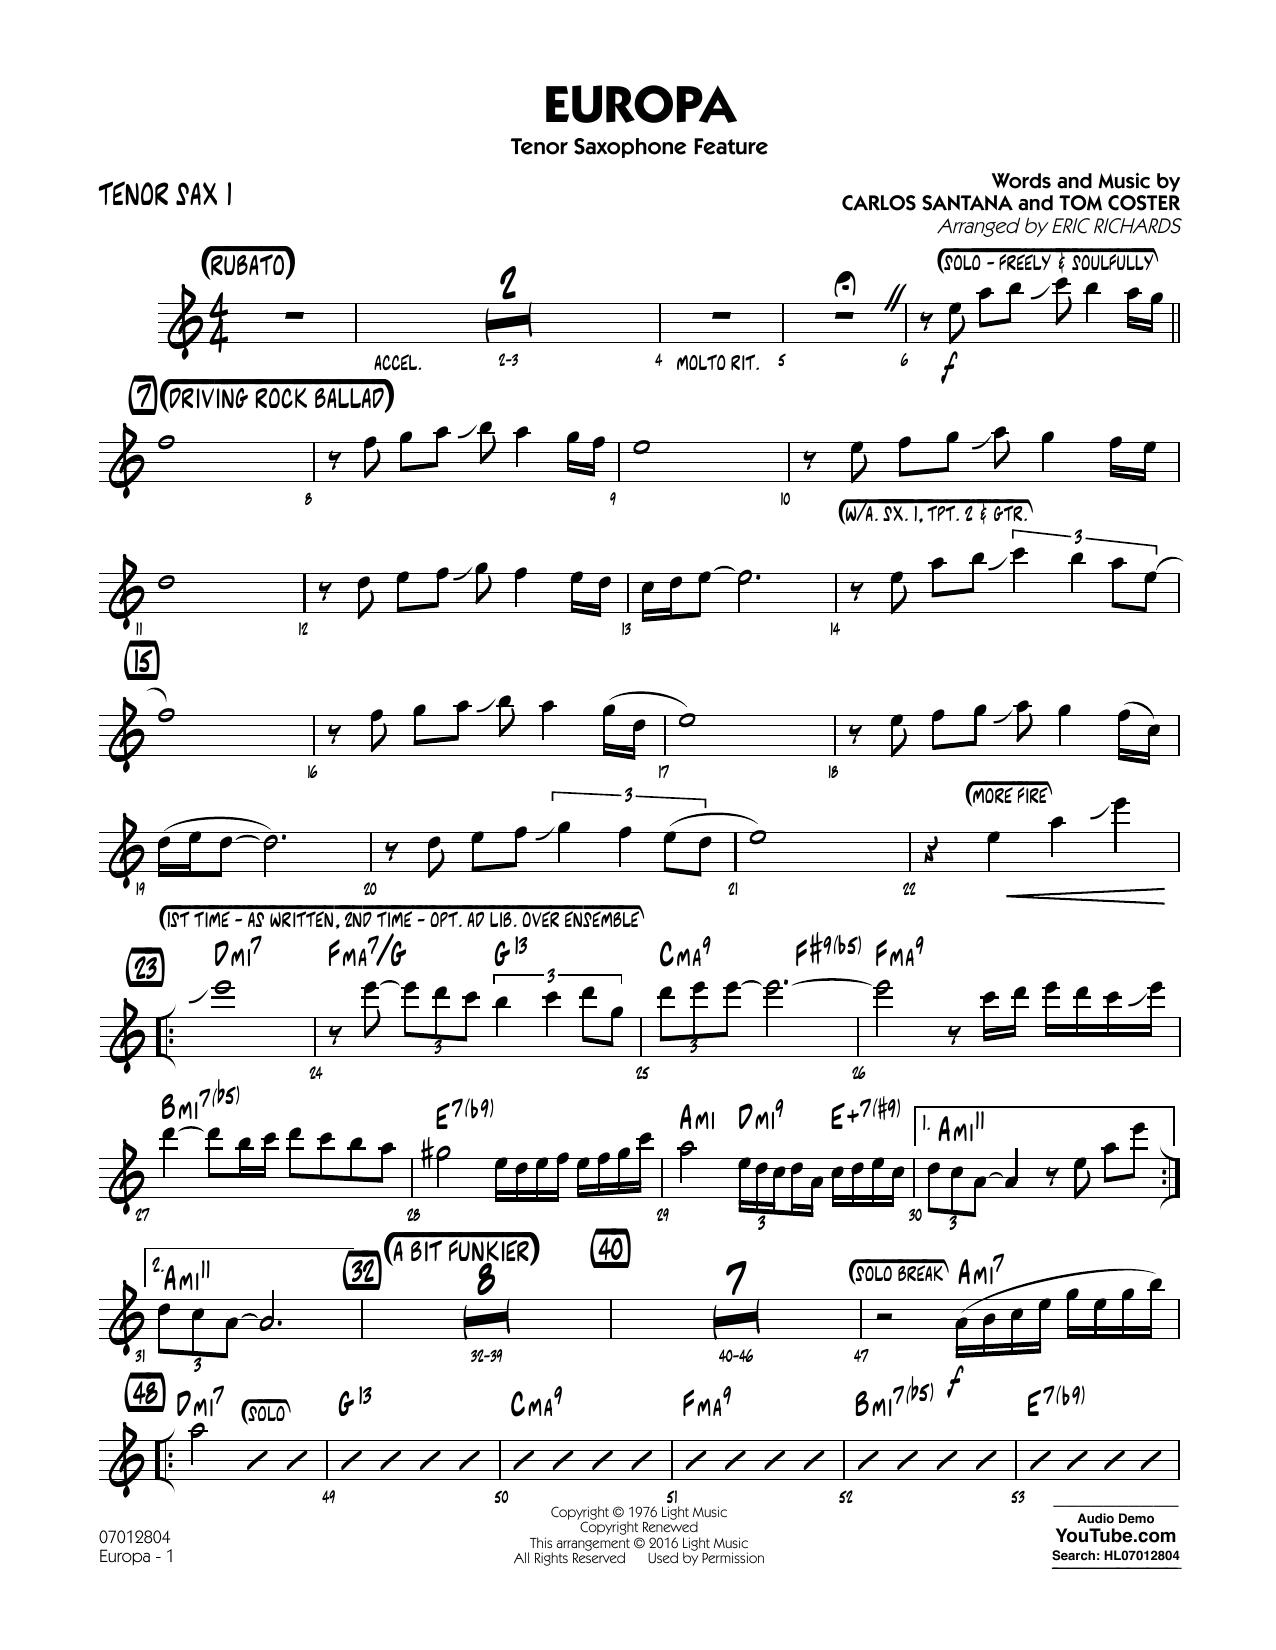 Europa - Tenor Sax 1 (Jazz Ensemble)